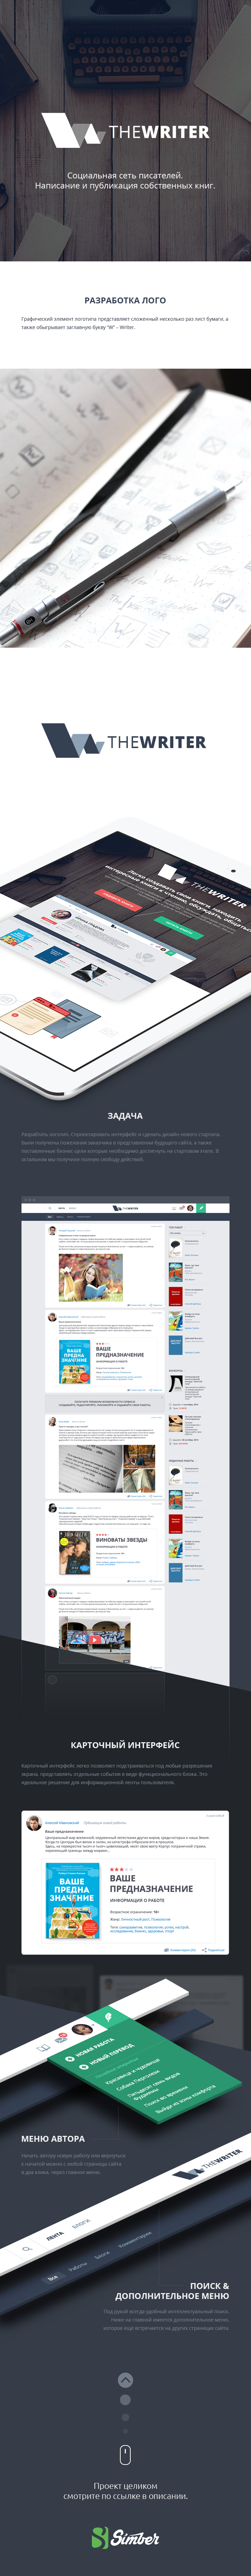 TheWriter – написание и издательство книг